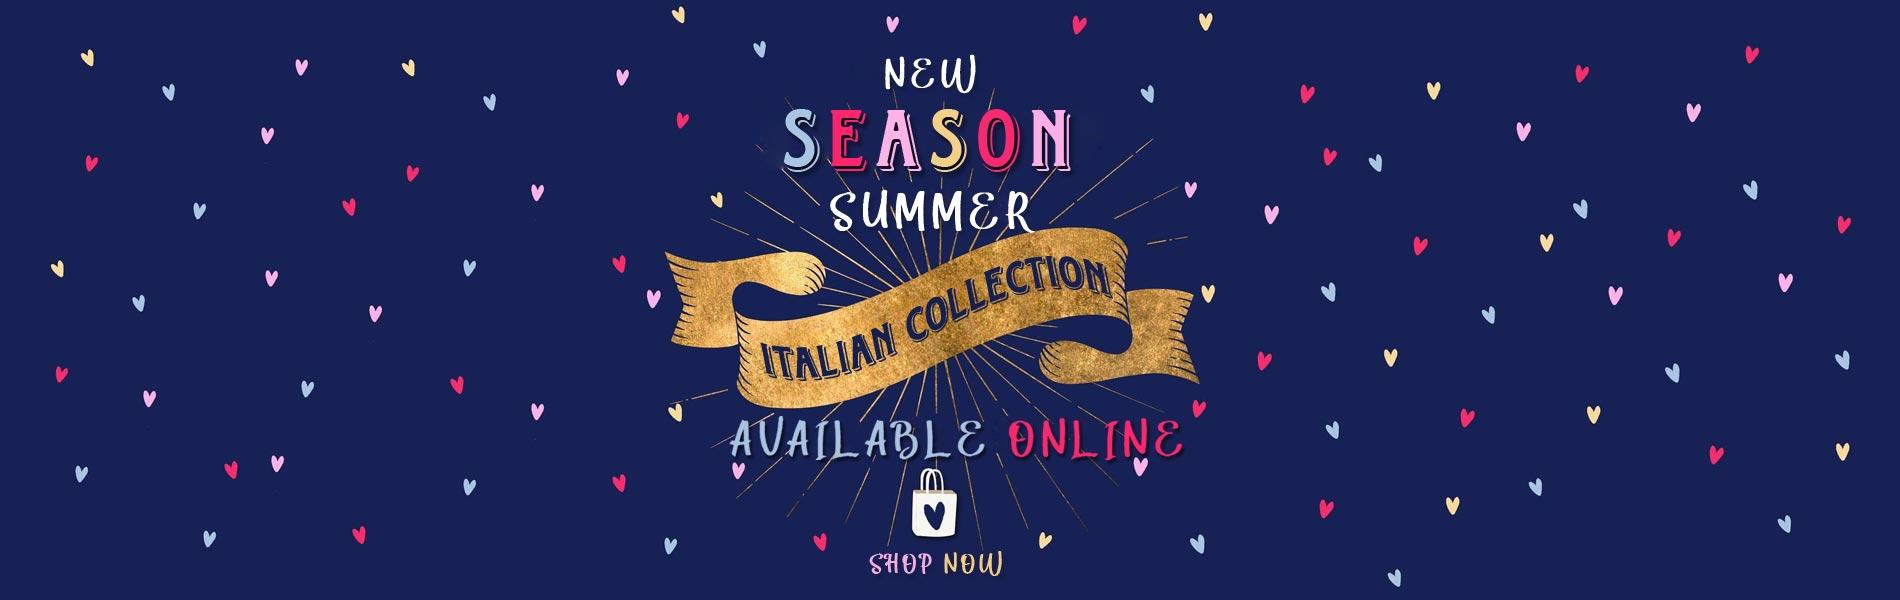 New season summer Italian collection